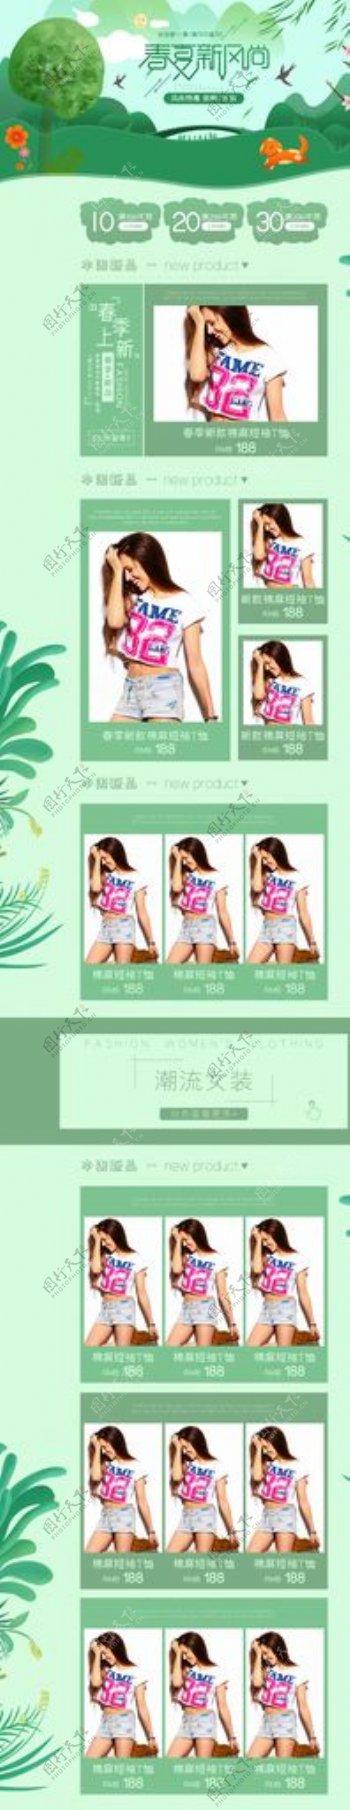 服装新品上市促销页面设计图片